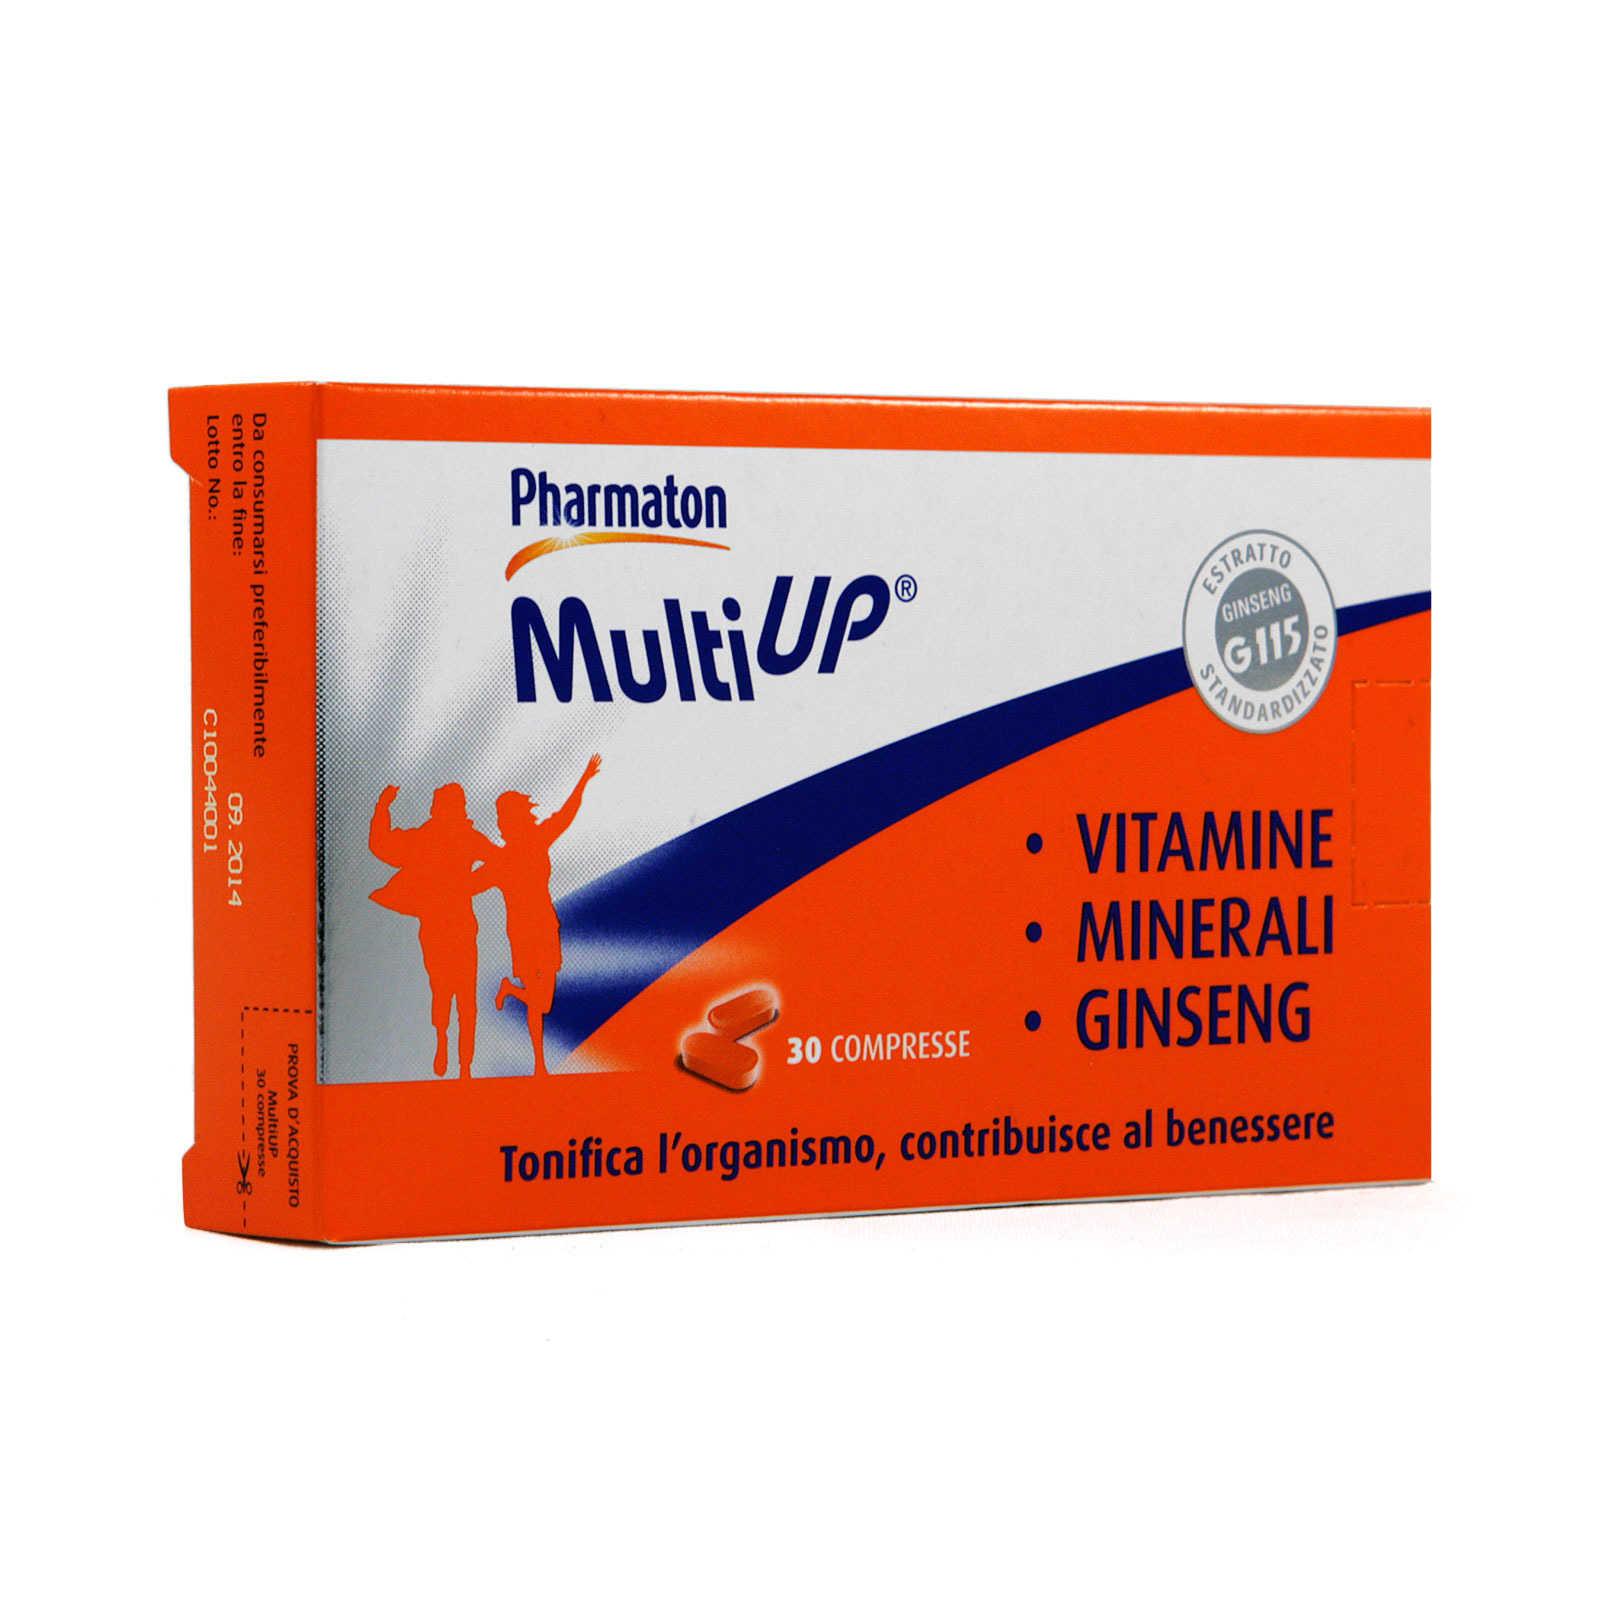 Pharmaton - Integratore Alimentare per il benessere fisico - Multiup